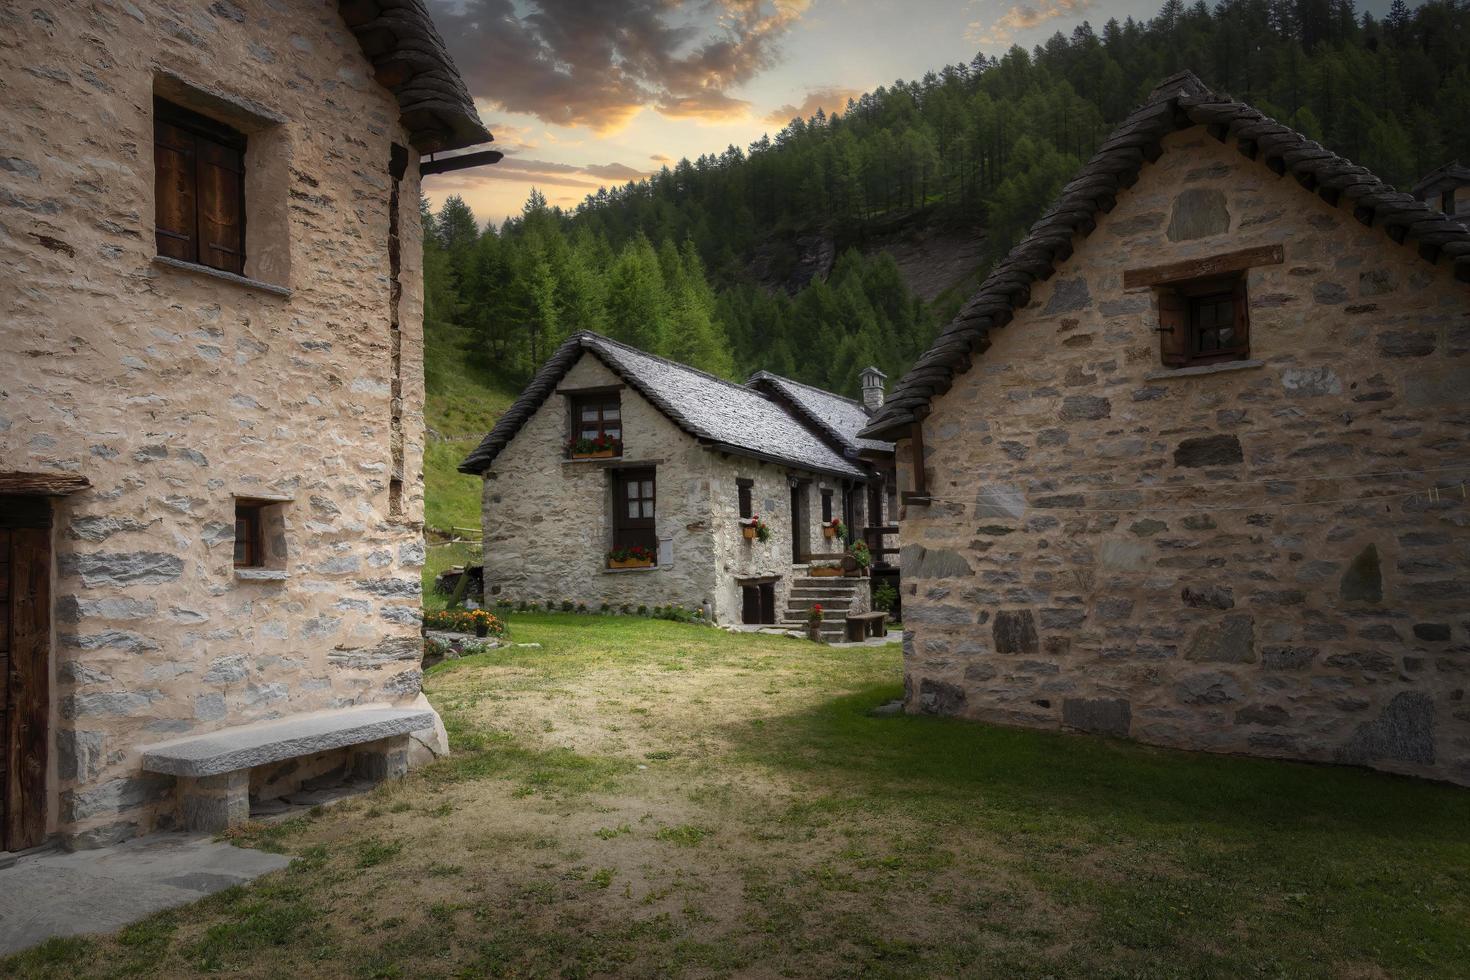 vue sur un village alpin photo